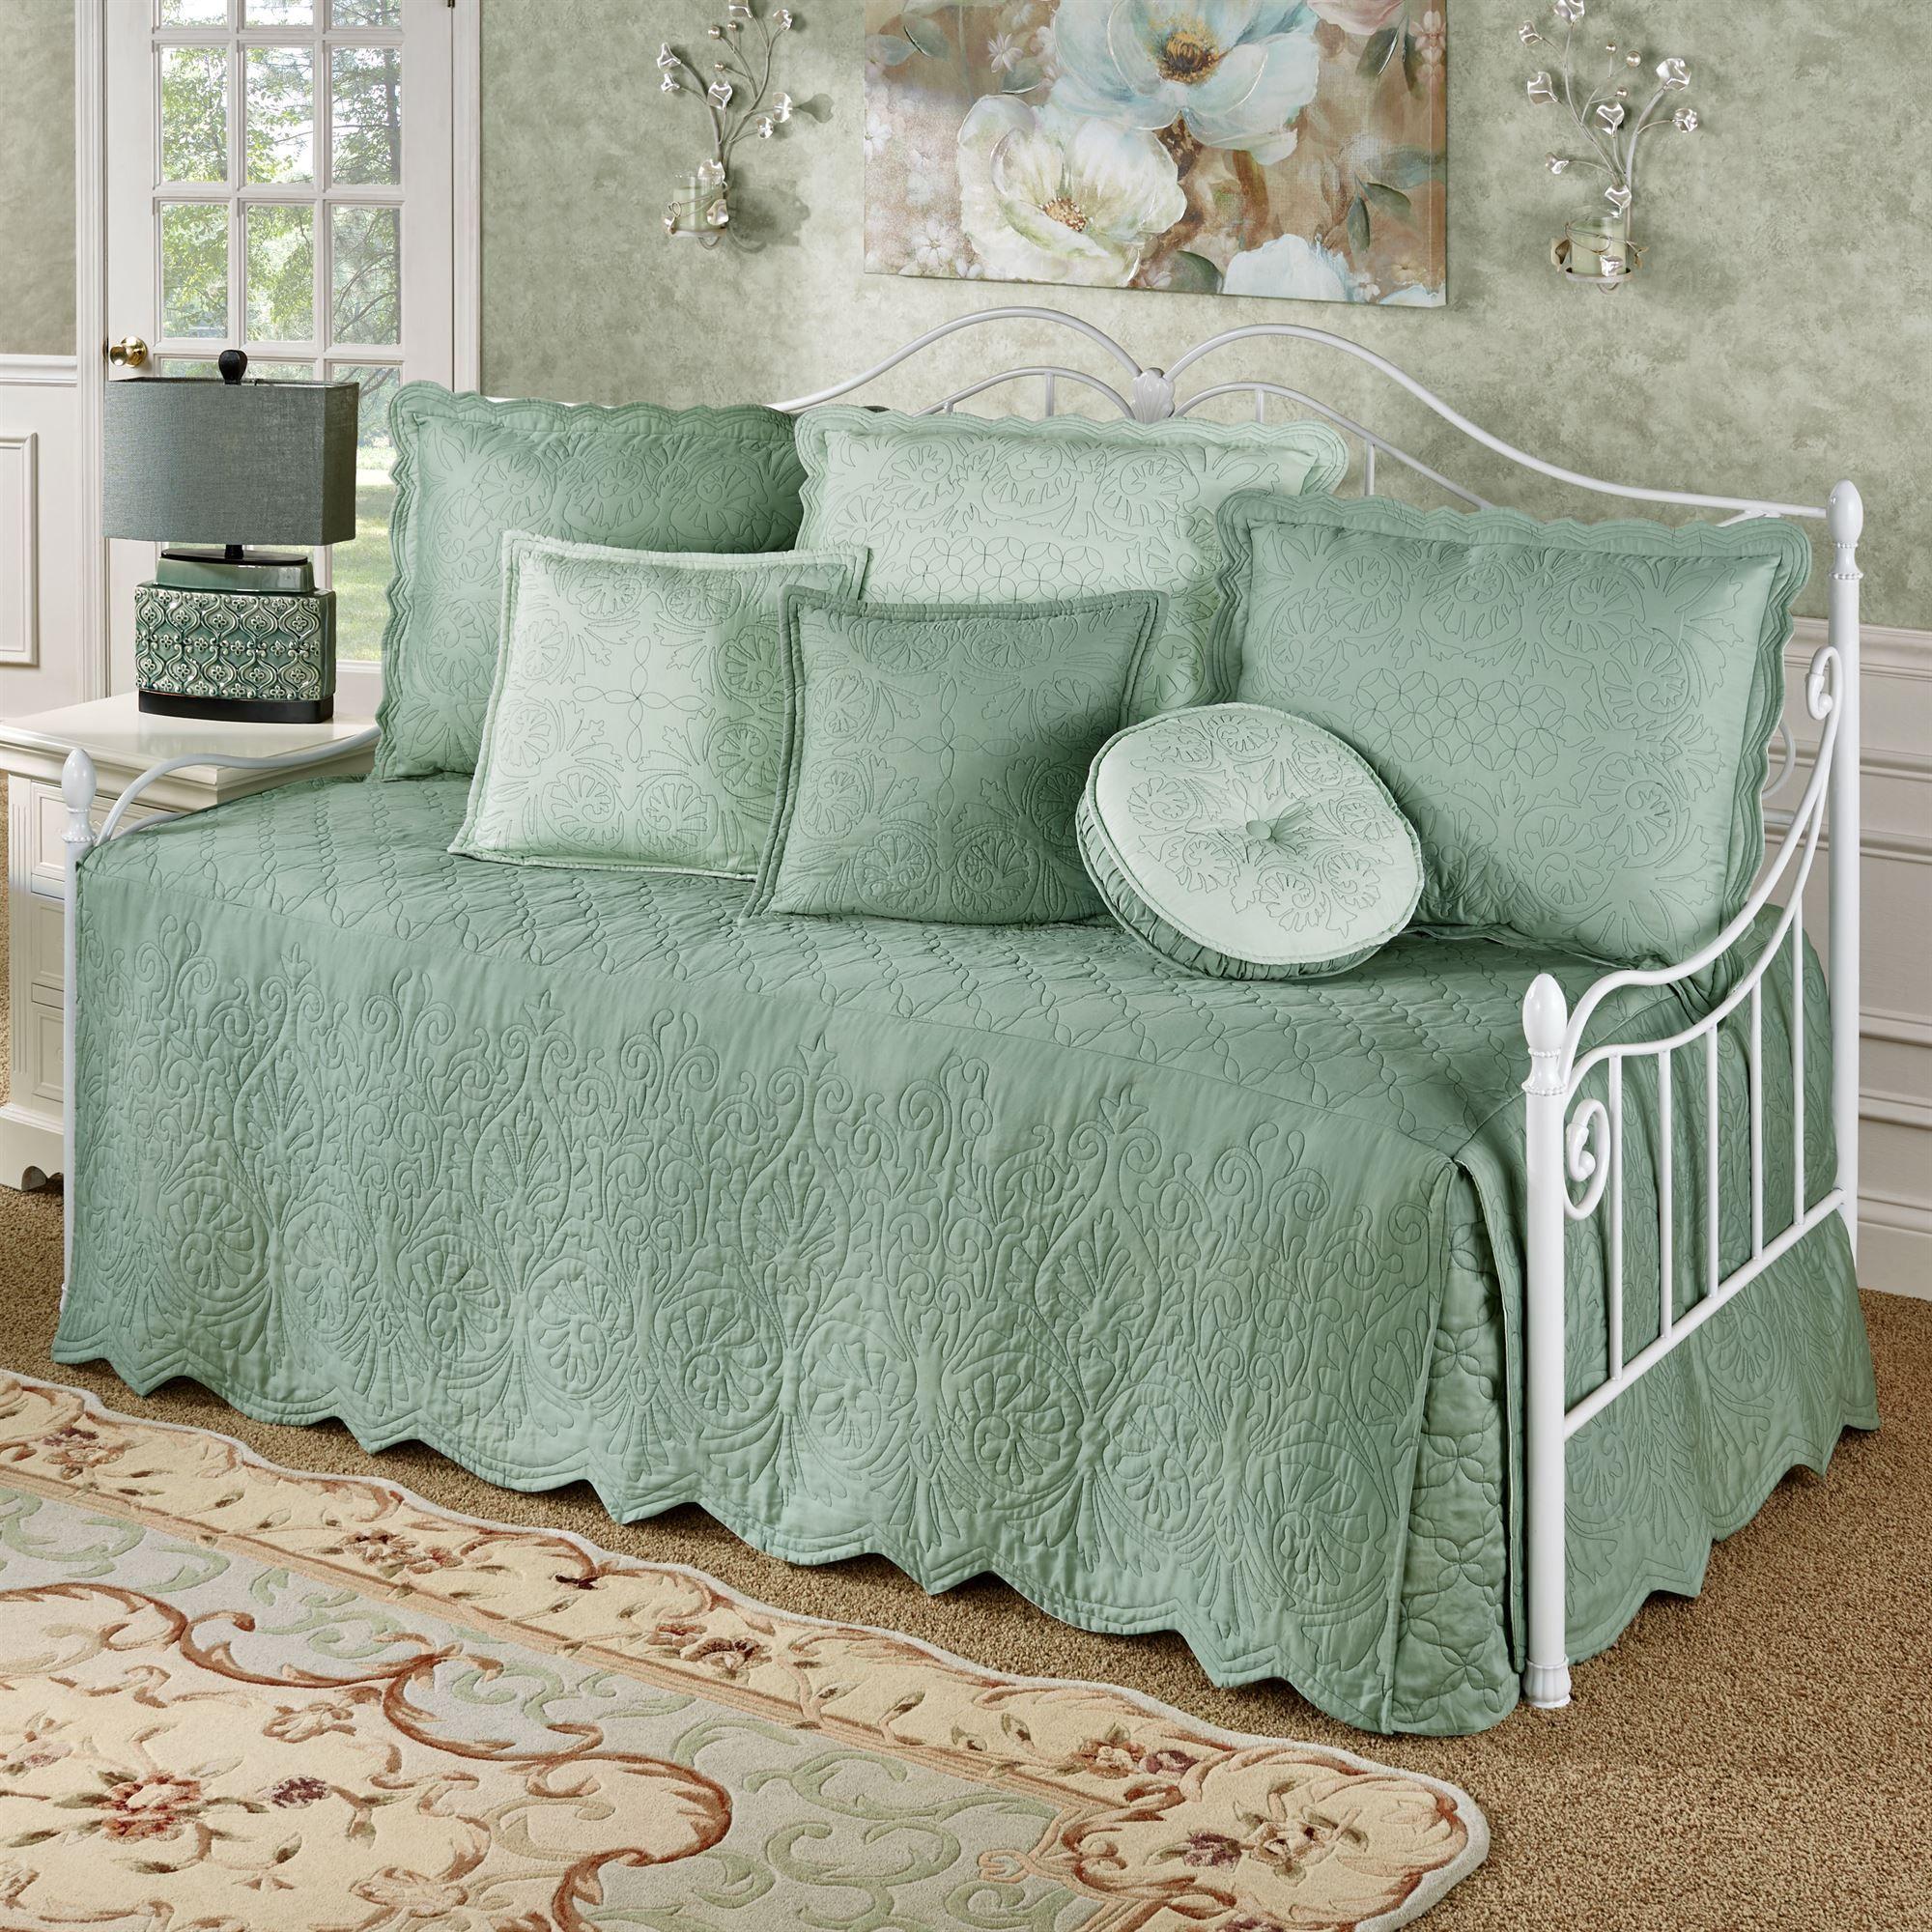 Target Daybed Bedding Sets